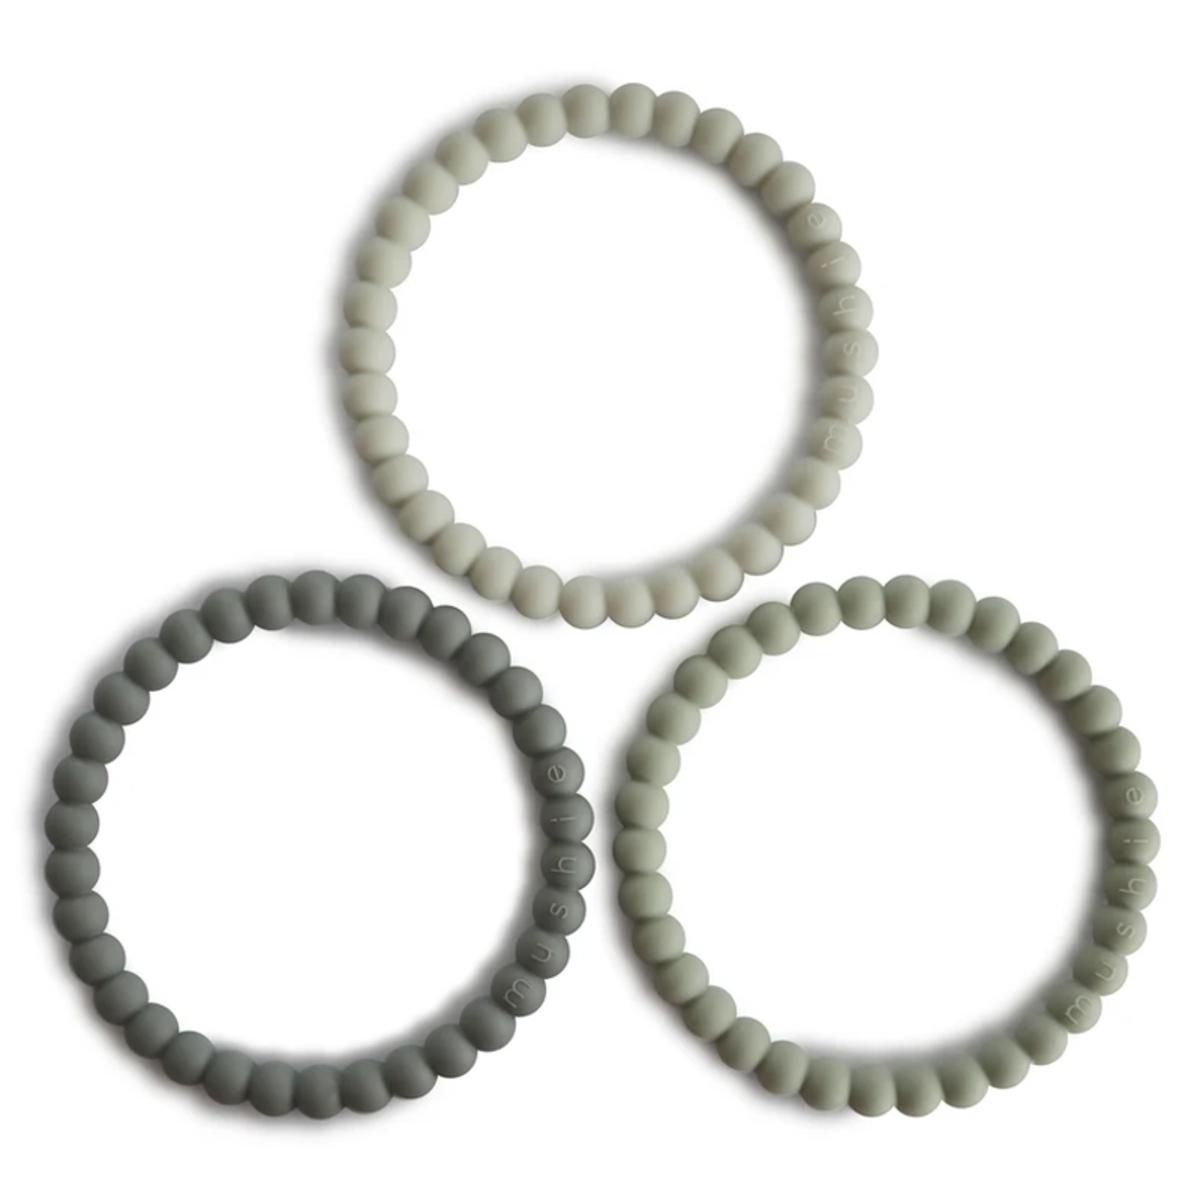 Dentition Lot de 3 Bracelets de Dentition - Green Tea Cool Grey & Sea Salt Lot de 3 Bracelets de Dentition - Green Tea Cool Grey & Sea Salt